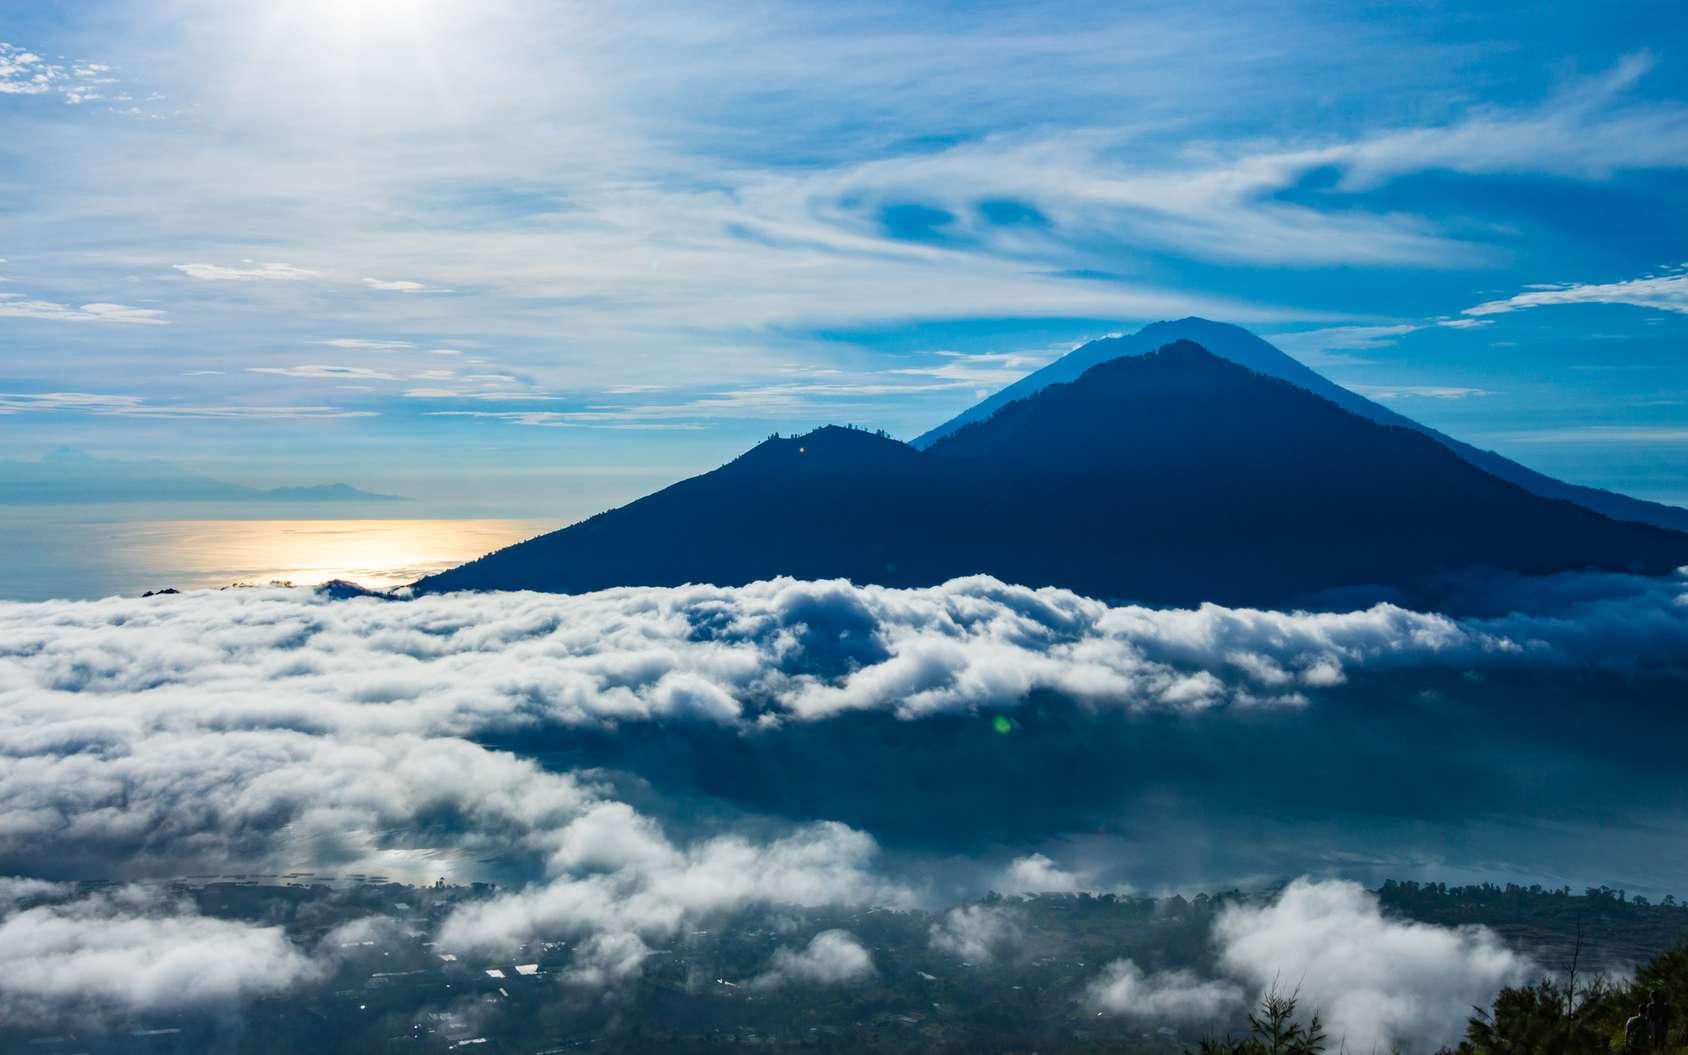 À Bali, le risque d'une éruption majeure demeure. Ici, le volcan Agung quand il était encore calme. © umike_foto, Fotolia